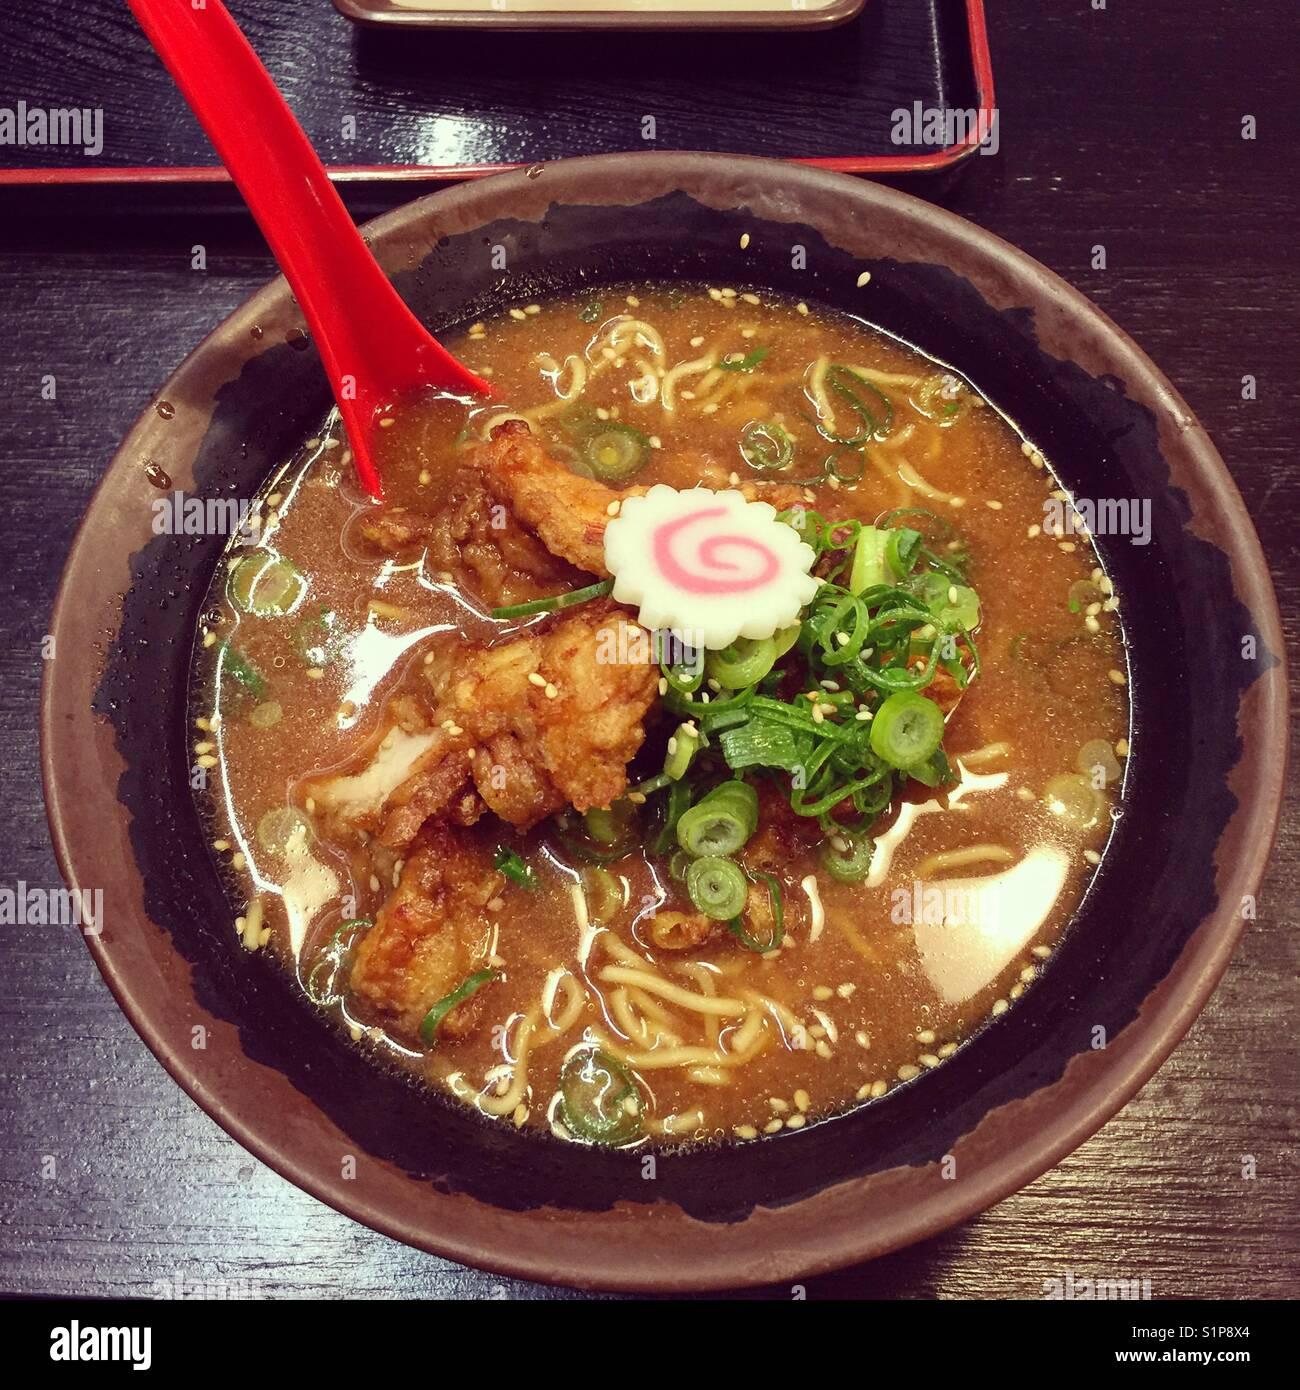 Ramen noodles - Stock Image